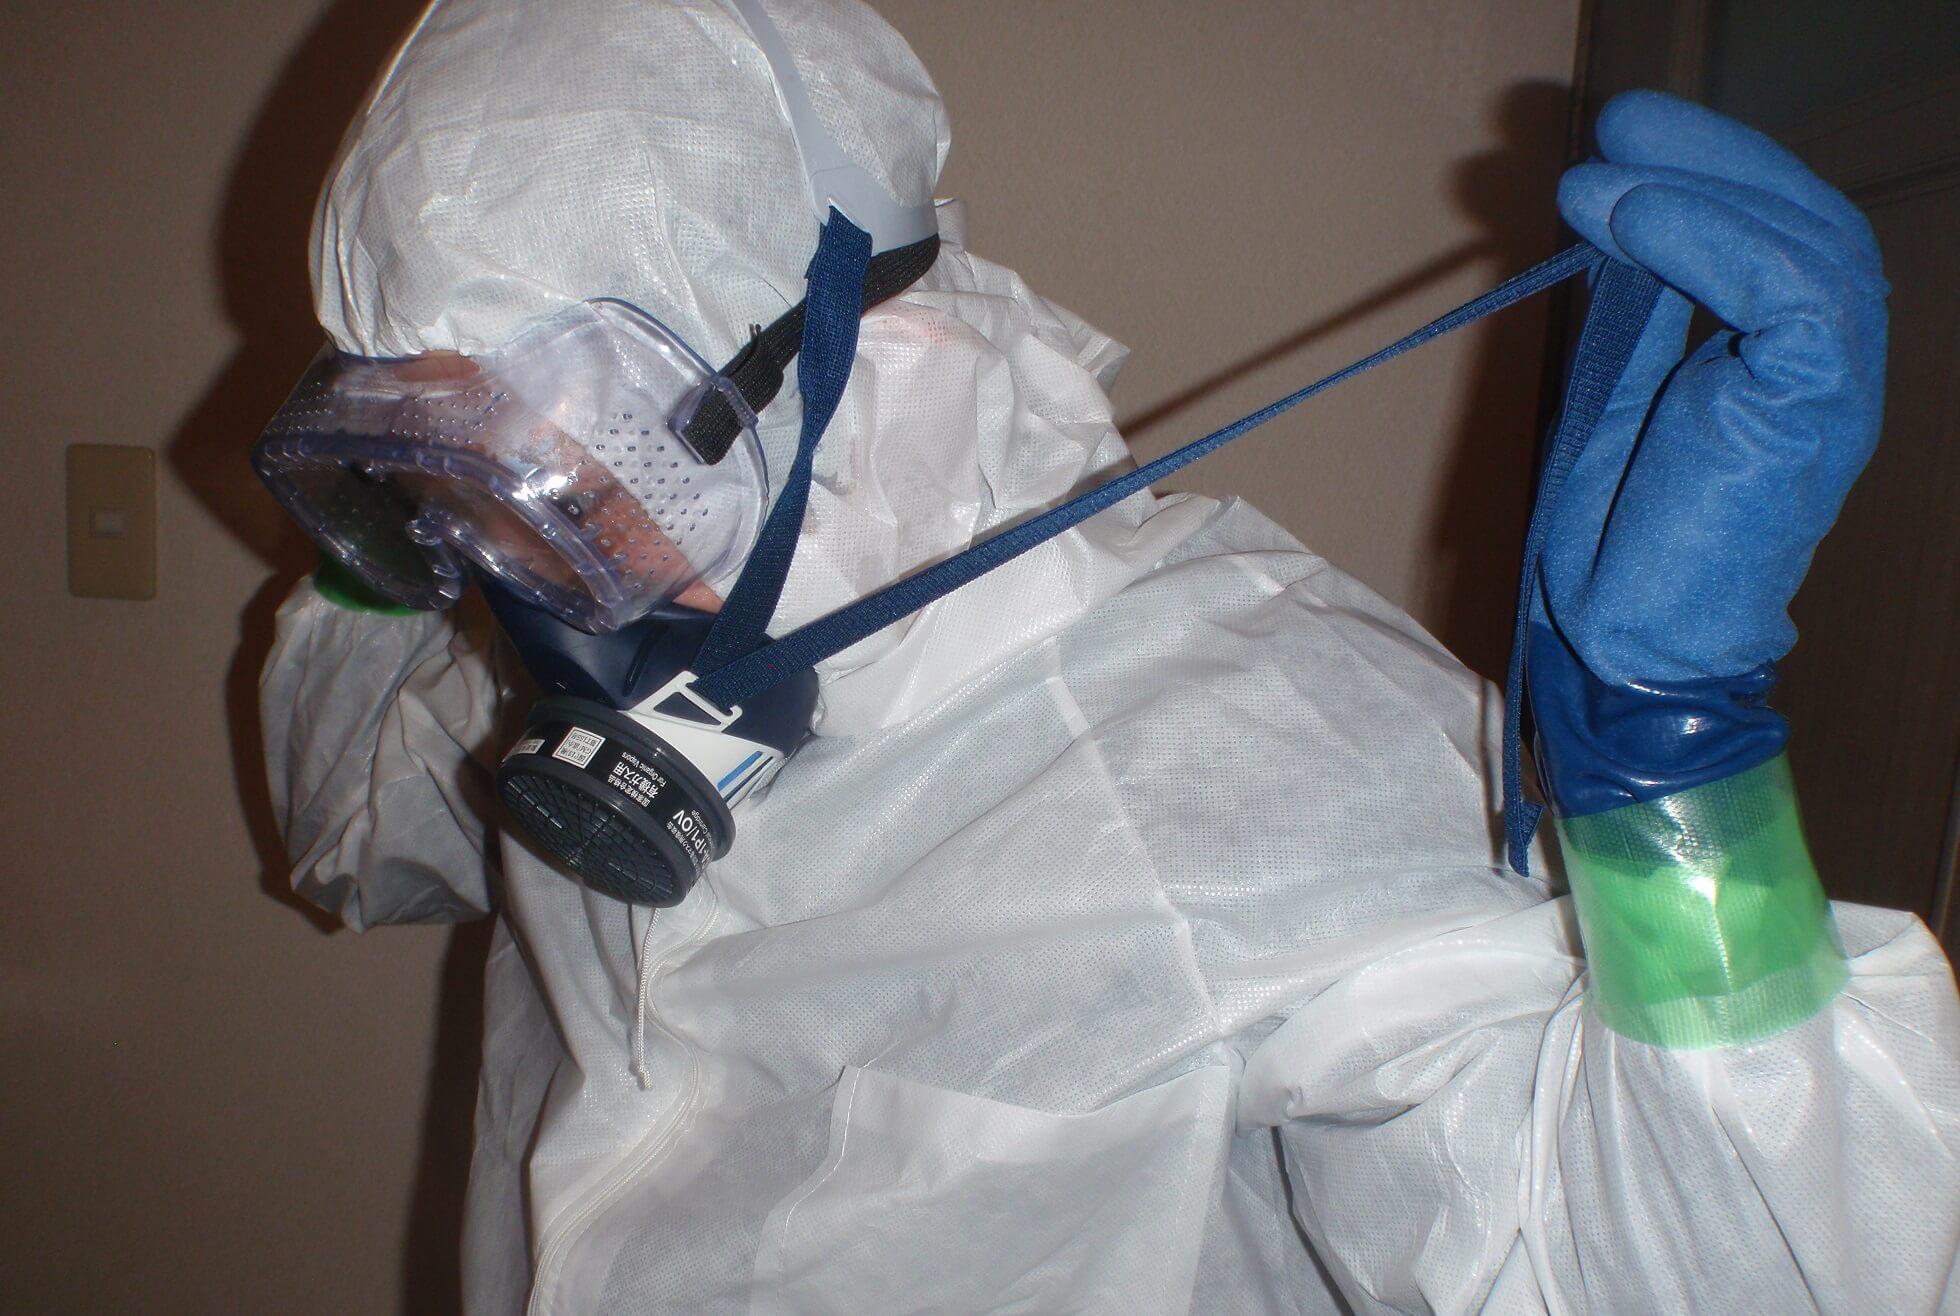 防護服と防毒マスクを着用した事件現場特殊清掃士